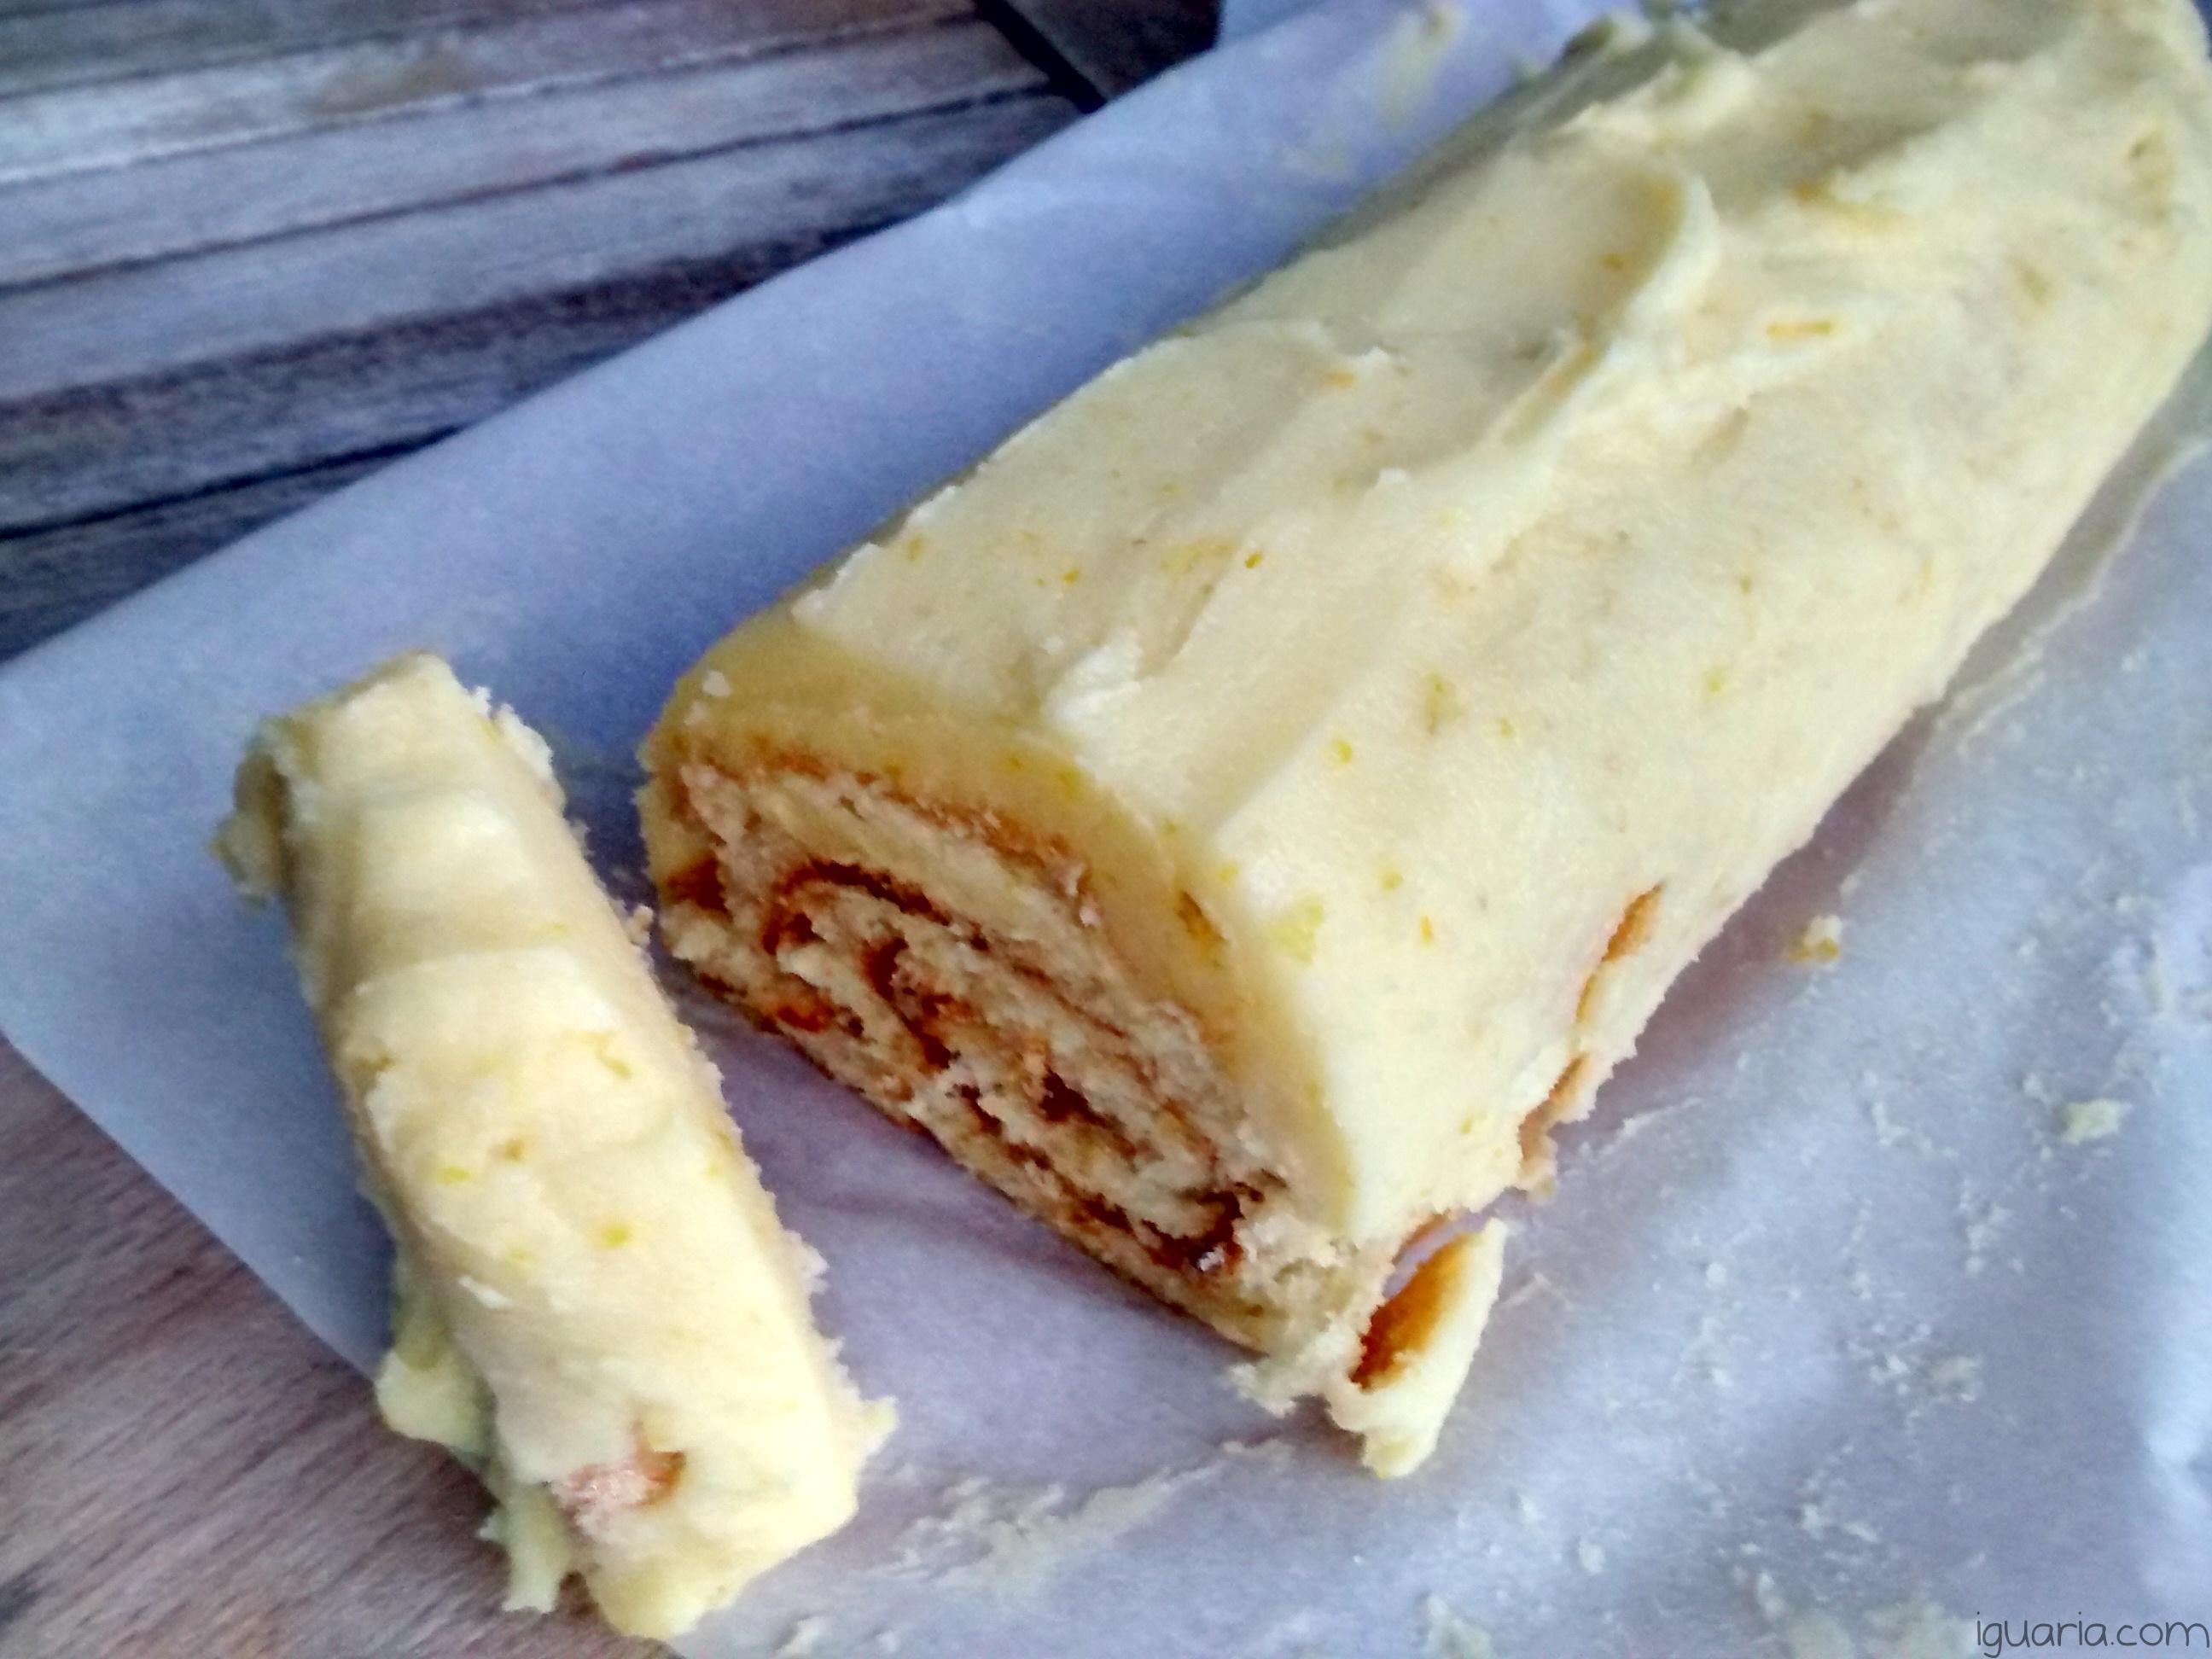 iguaria-torta-de-natal-com-mel-yuzu